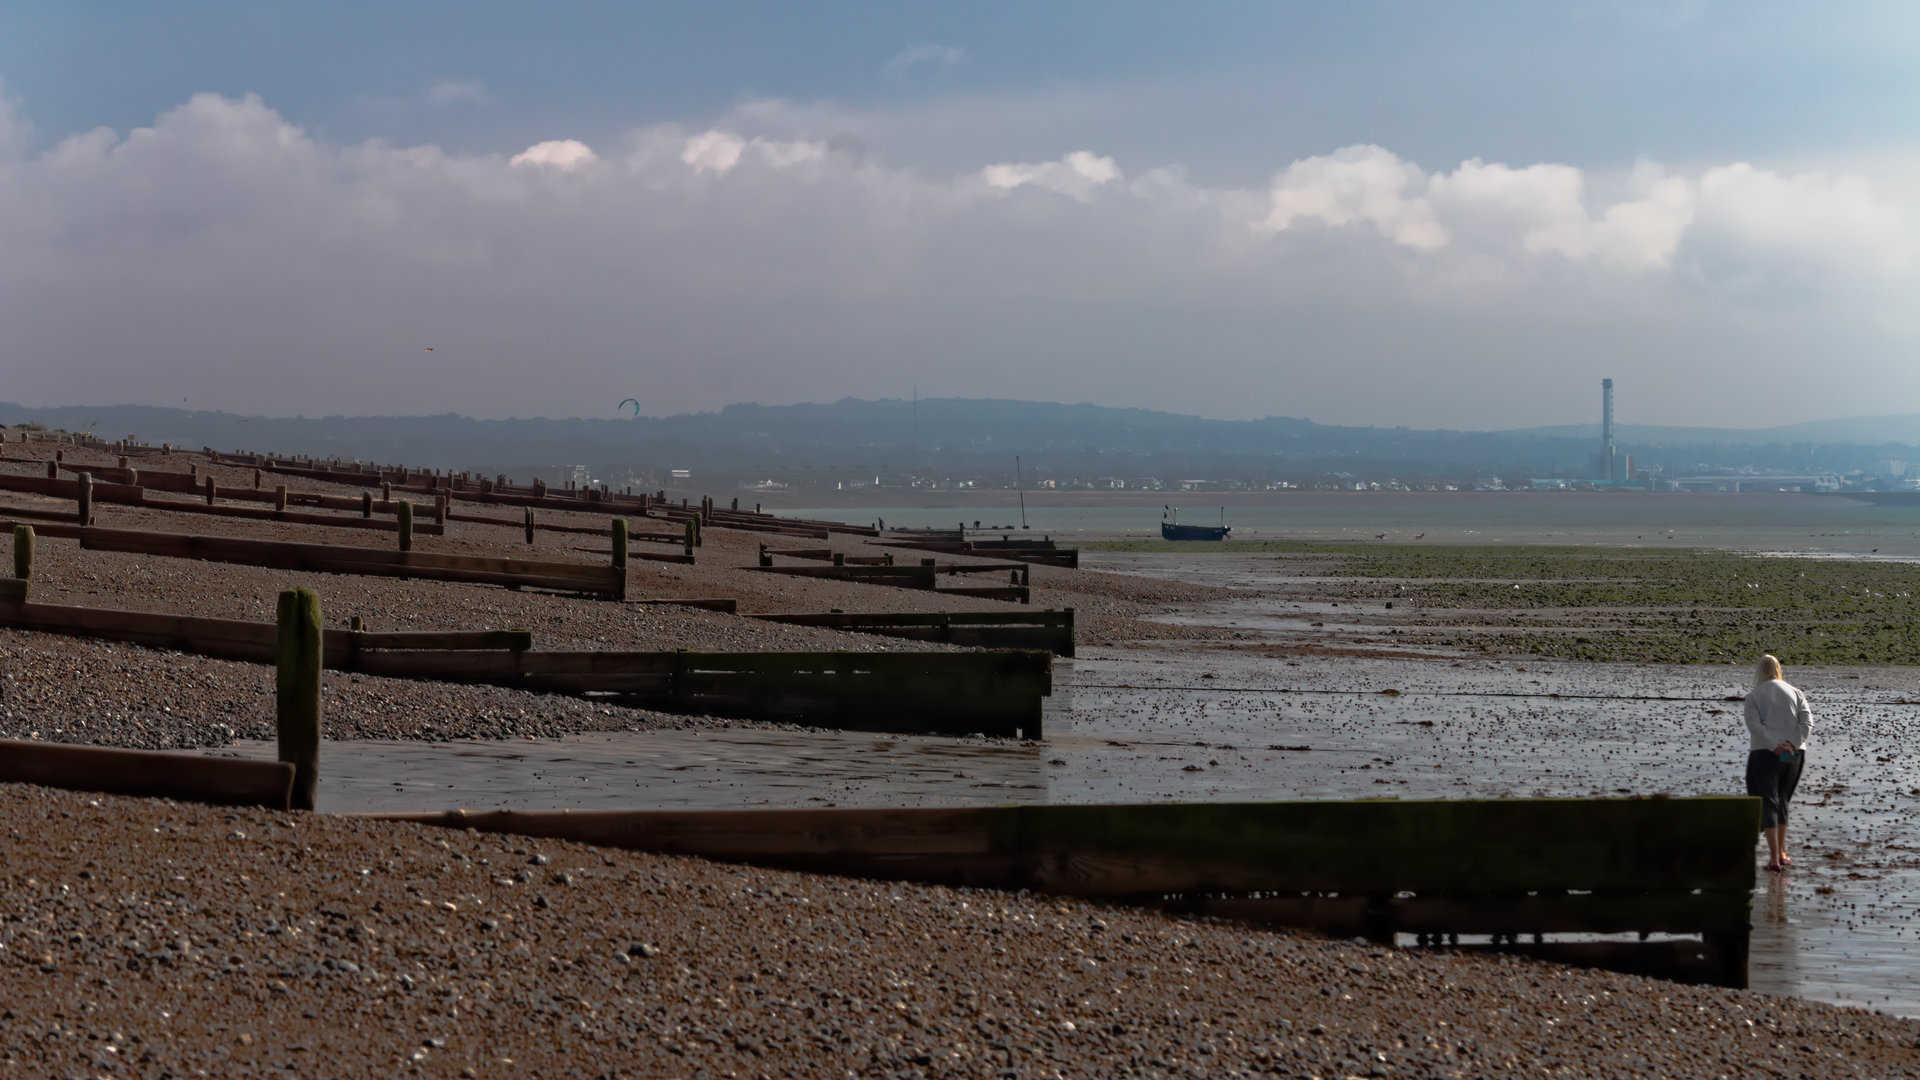 Shoreham bay from Worthing